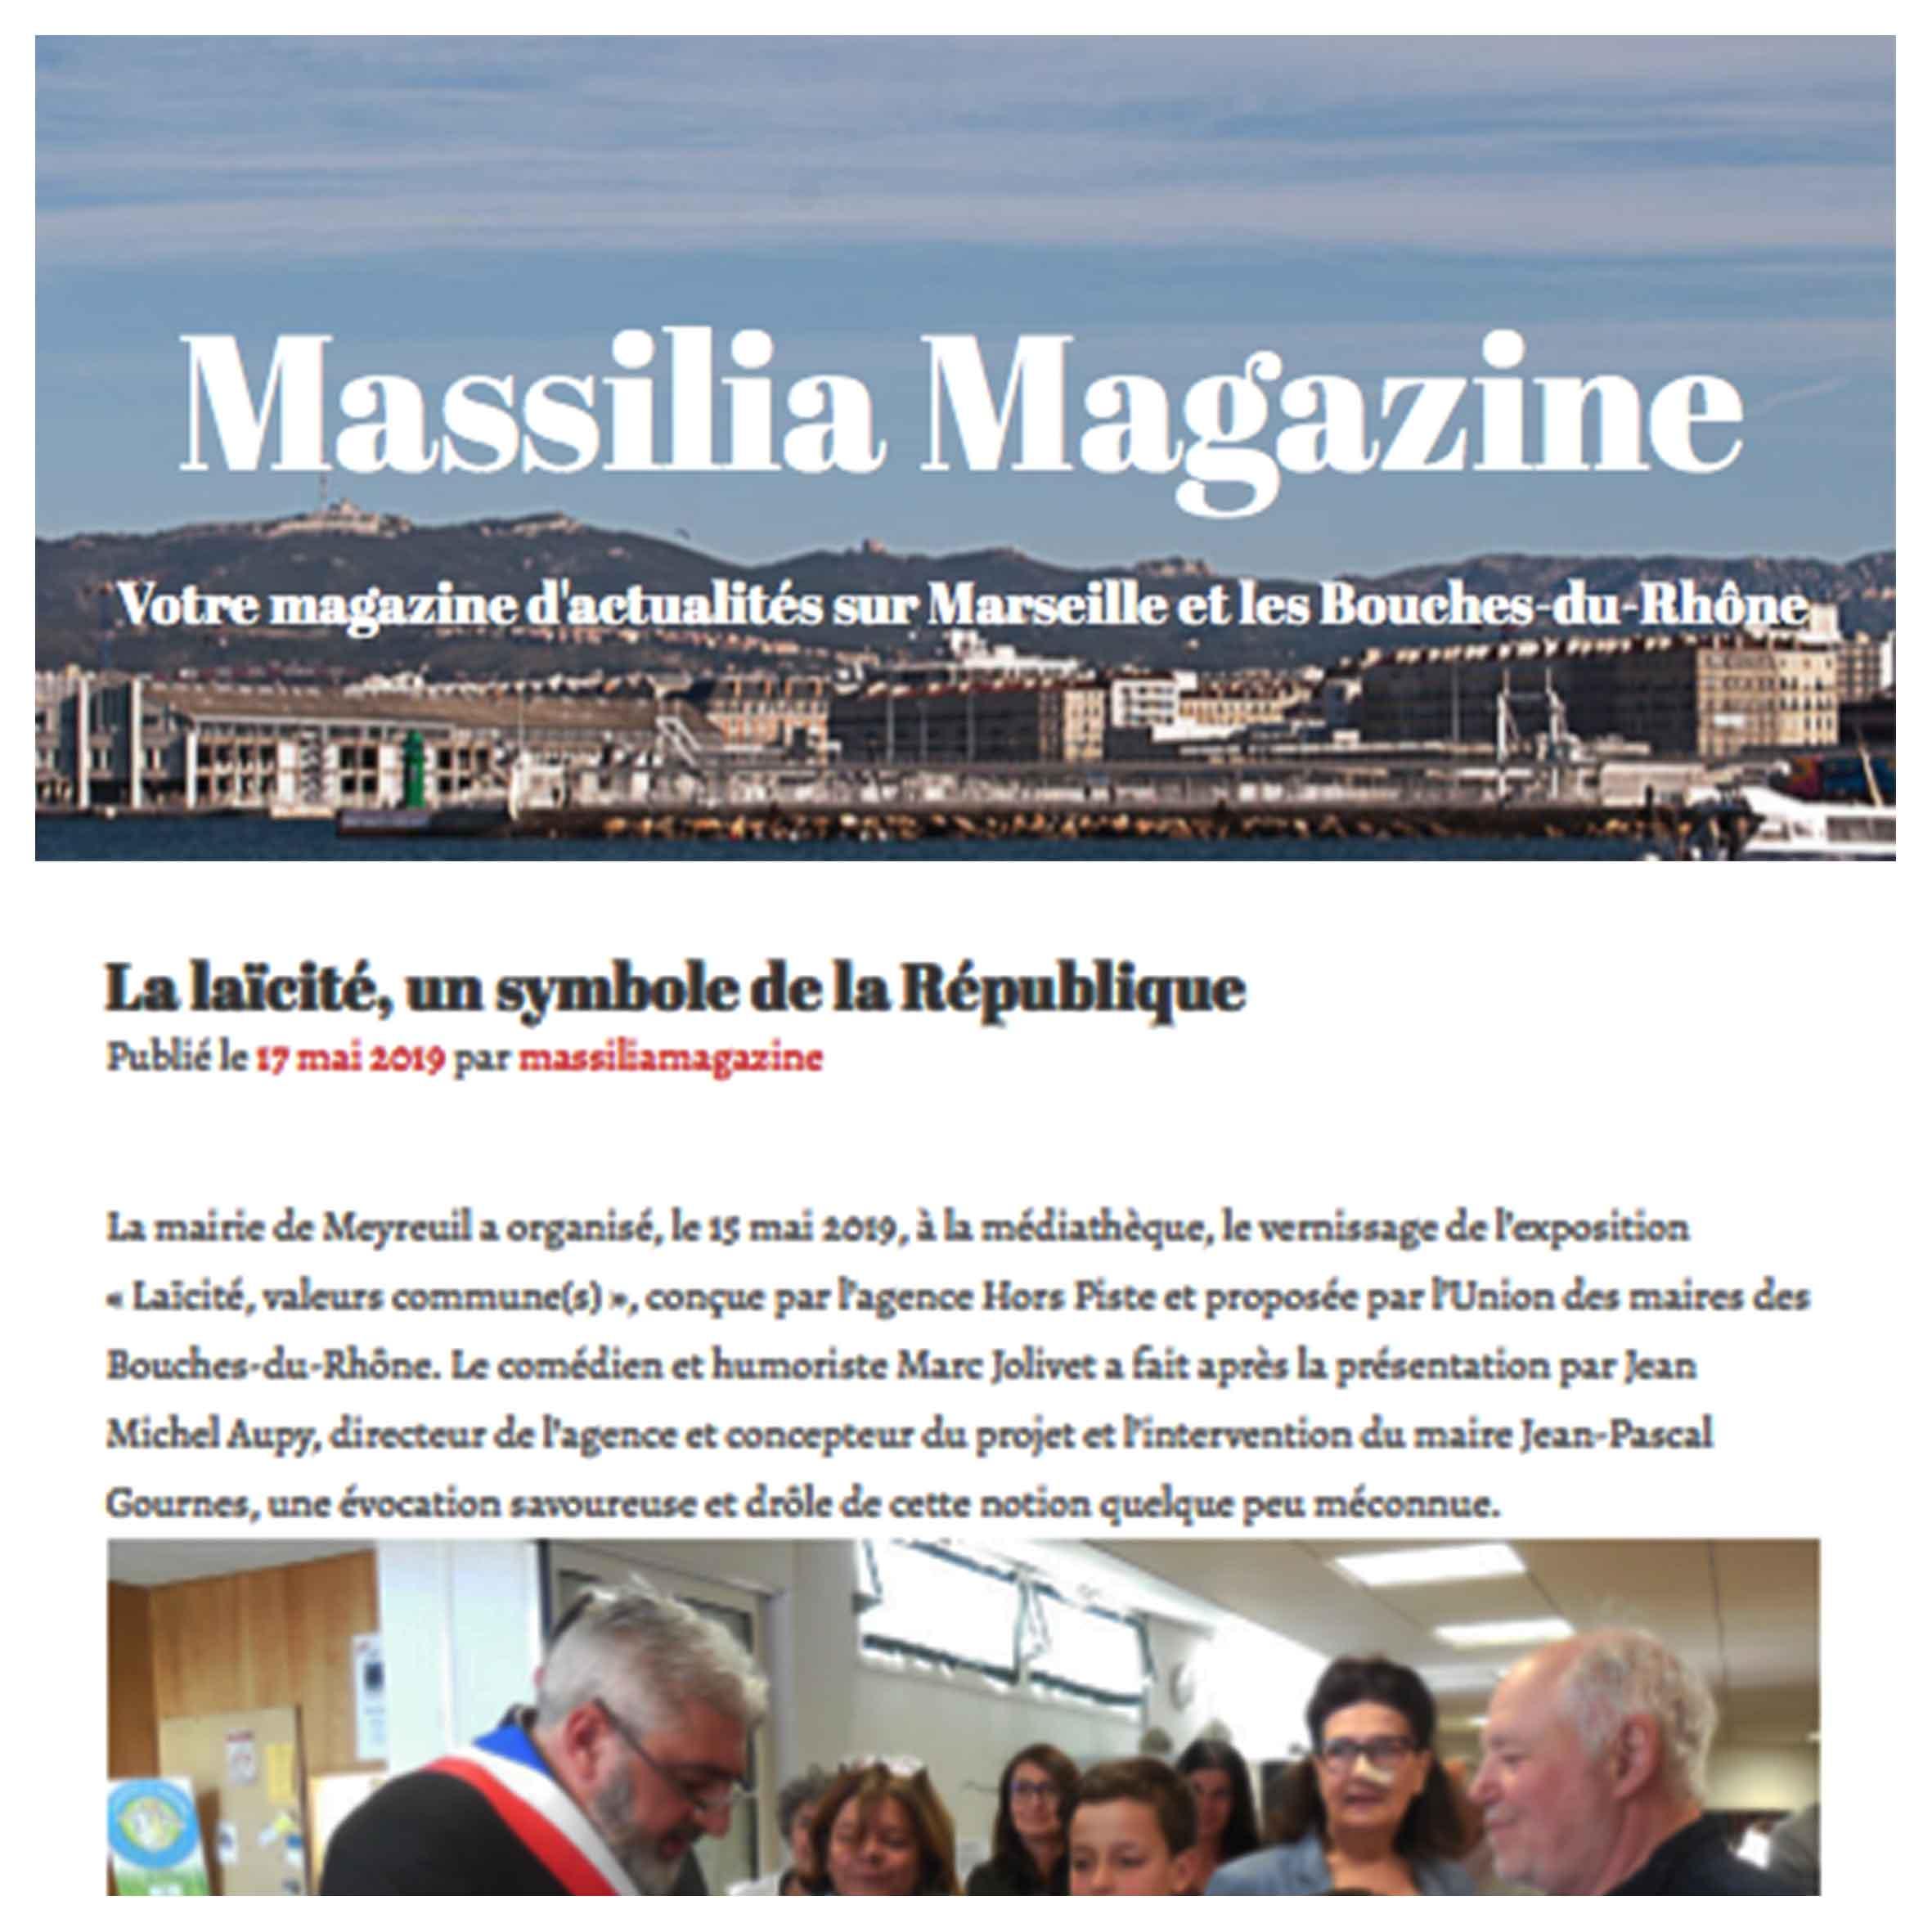 Massilia Magazine